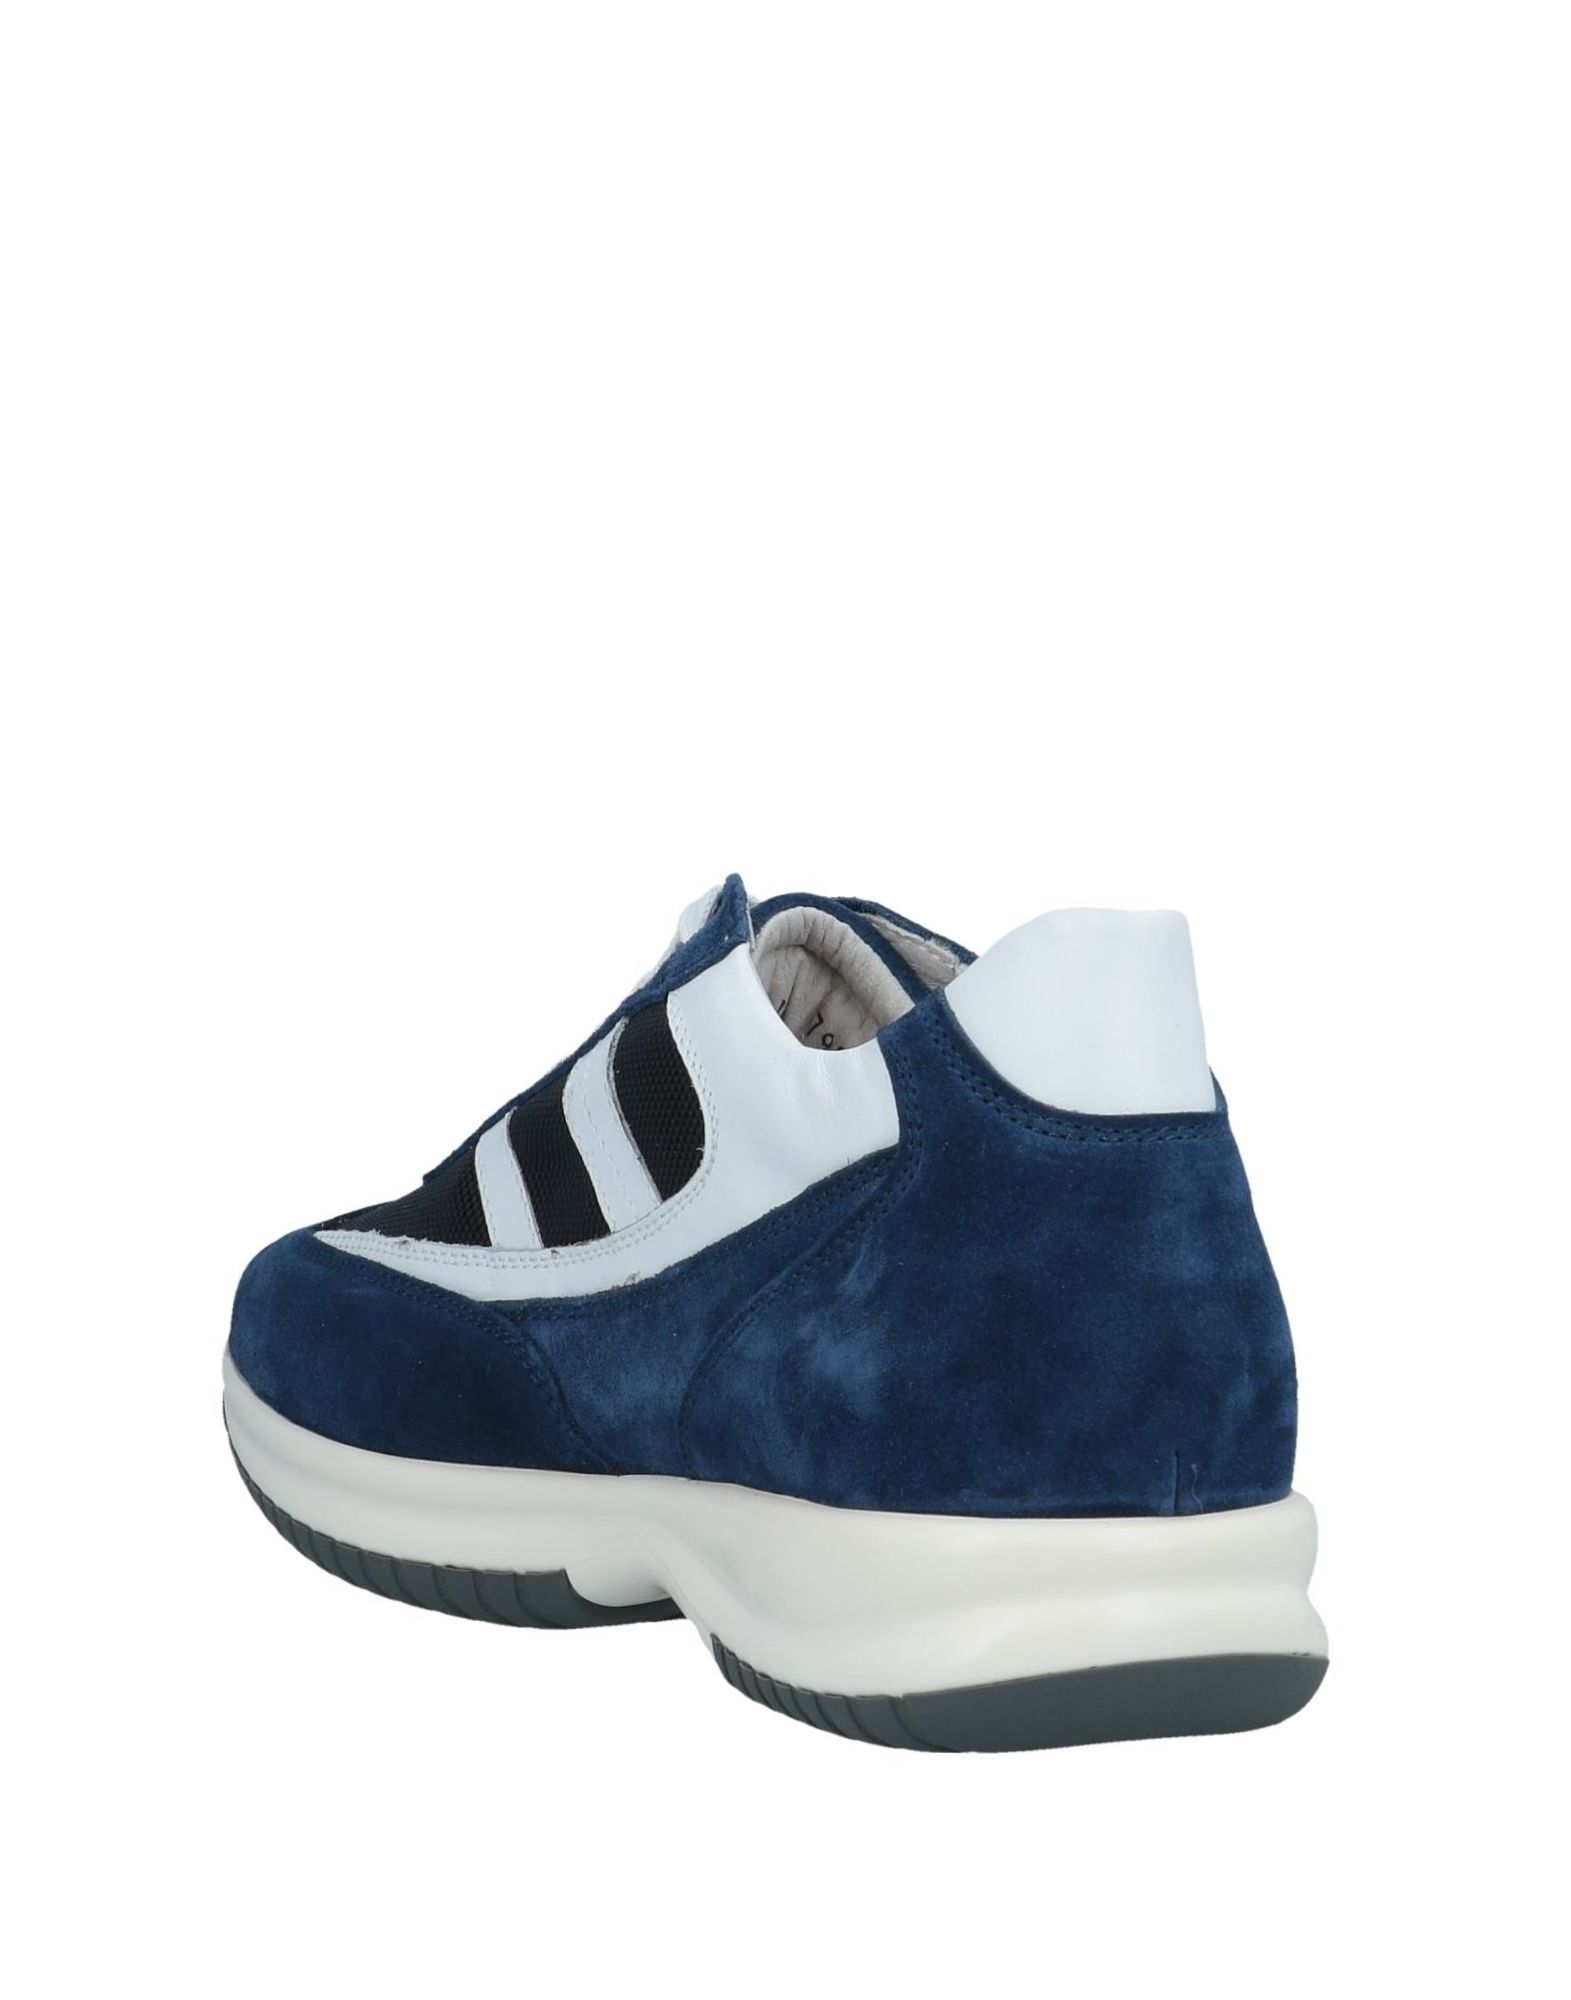 Rabatt echte Herren Schuhe Salvo Barone Sneakers Herren echte  11555980JG e3a52d